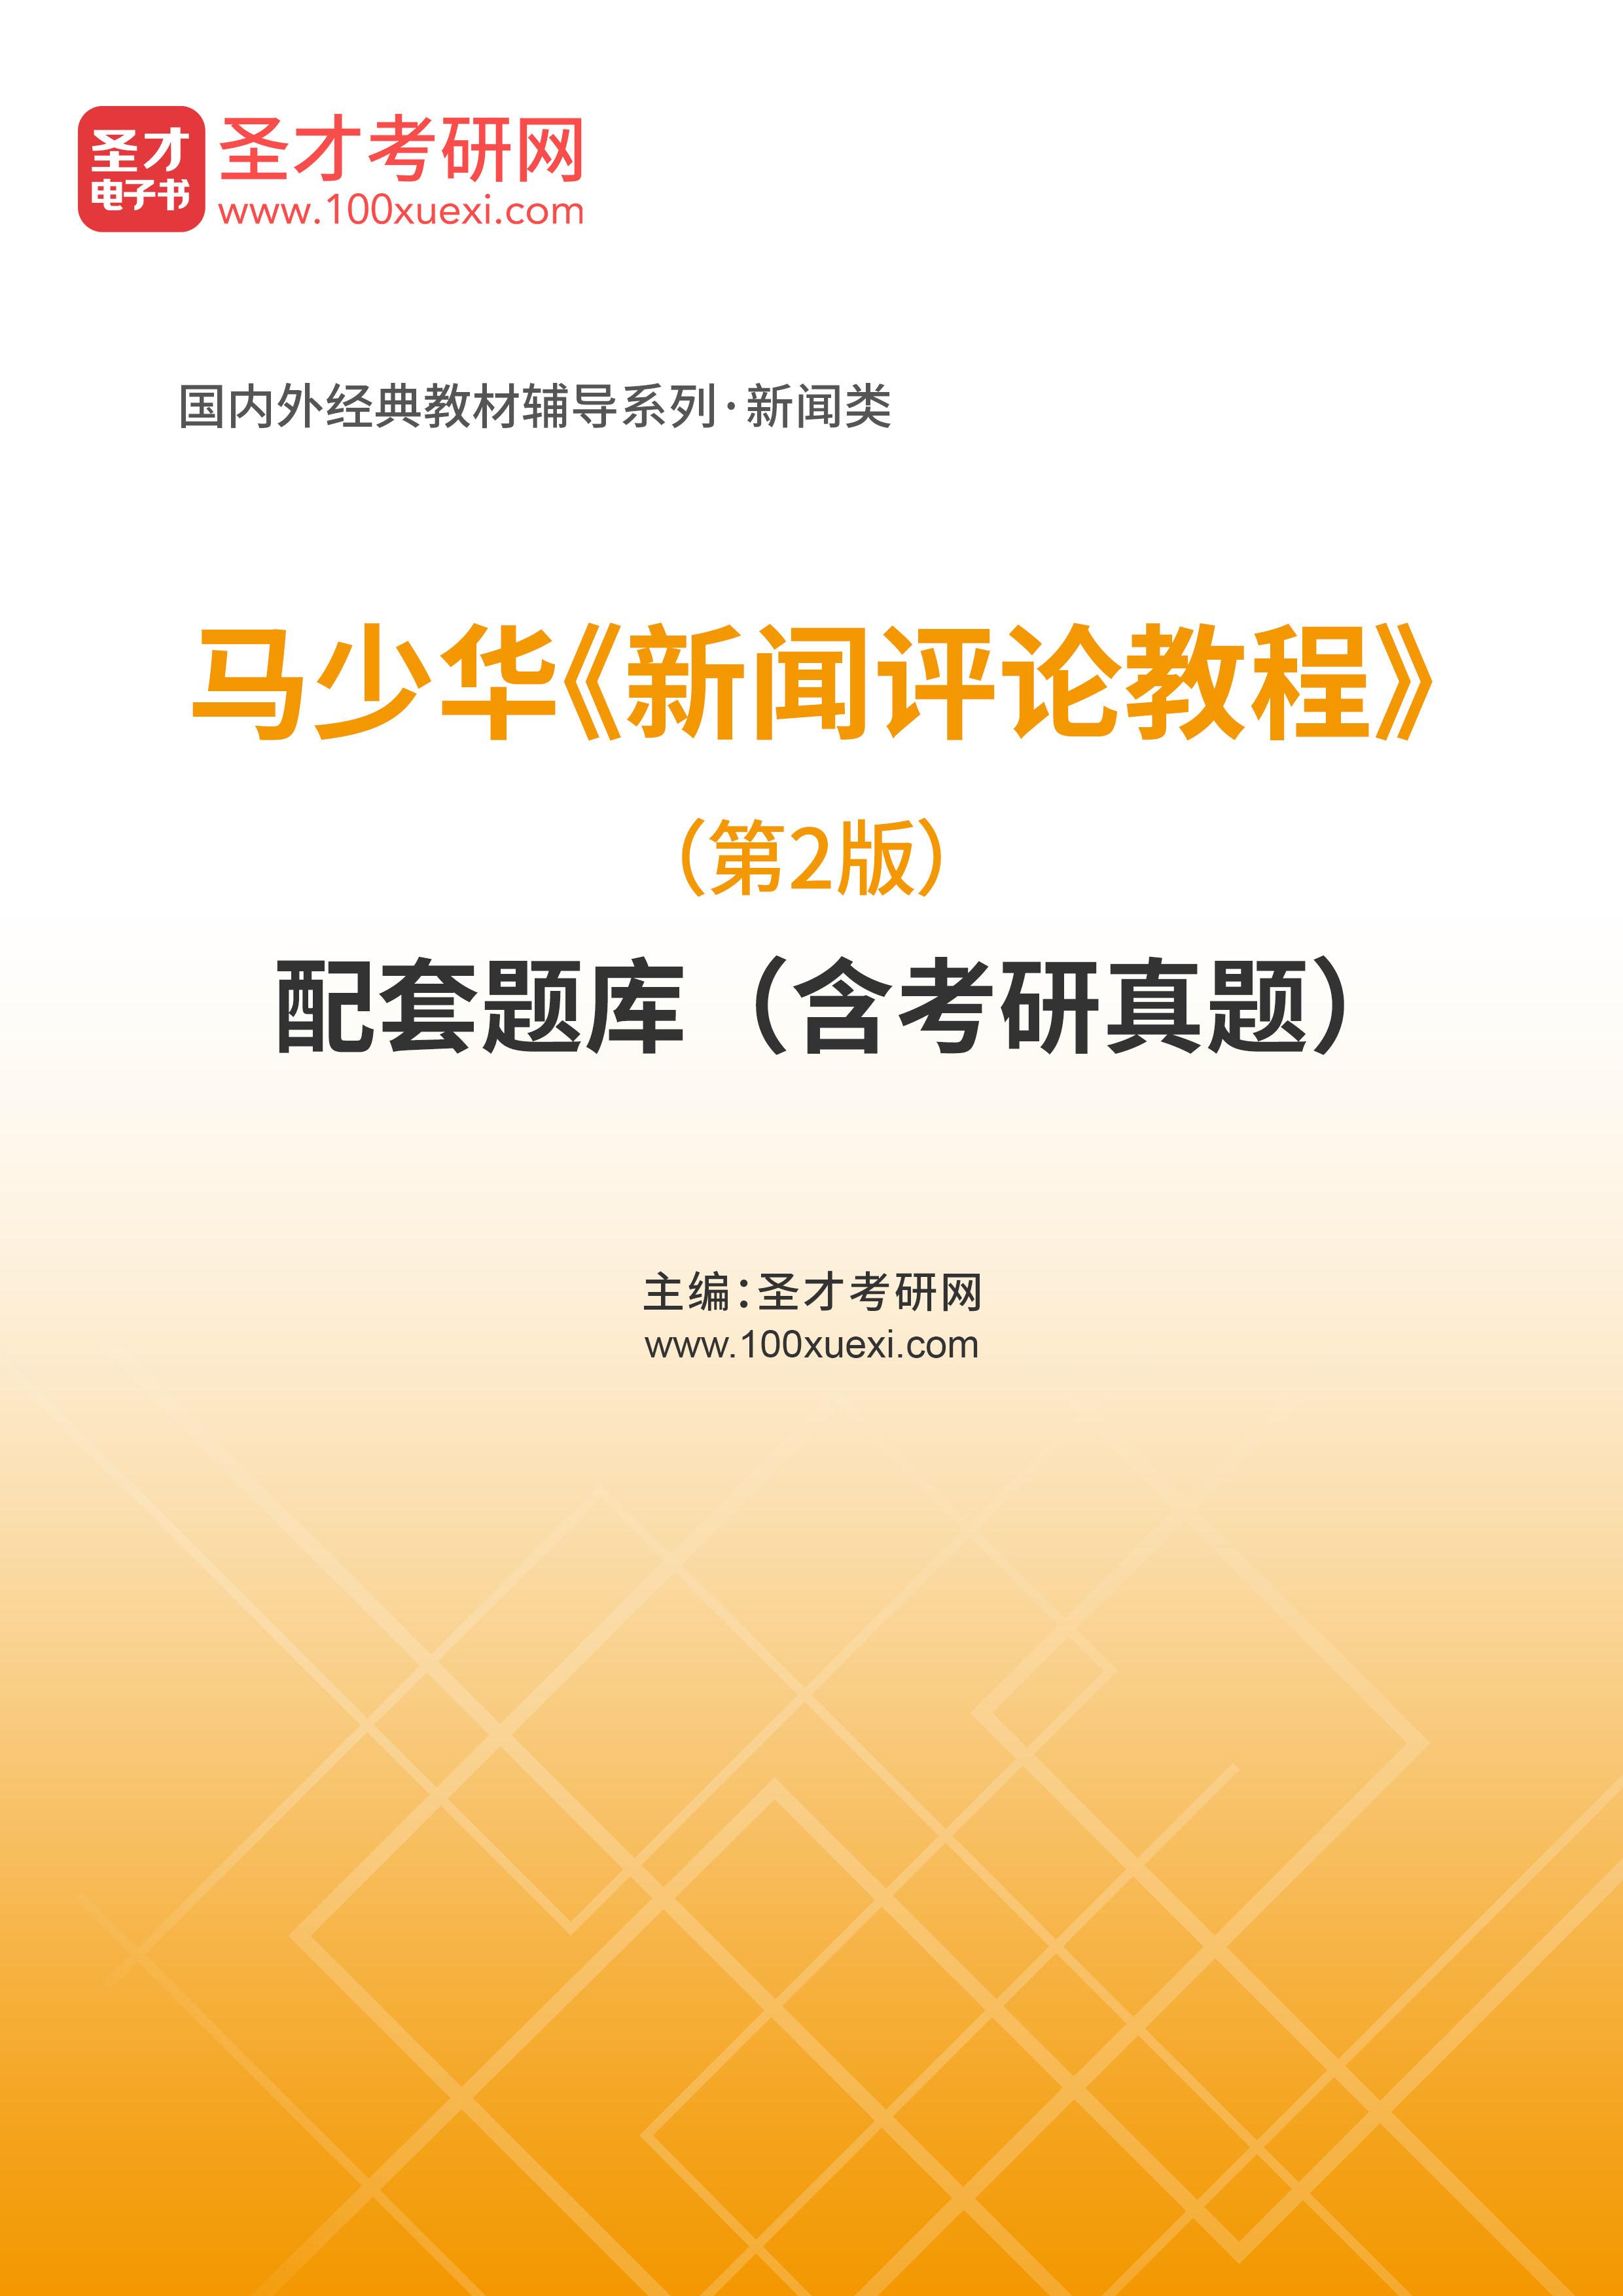 马少华《新闻评论教程》(第2版)配套题库(含考研真题)